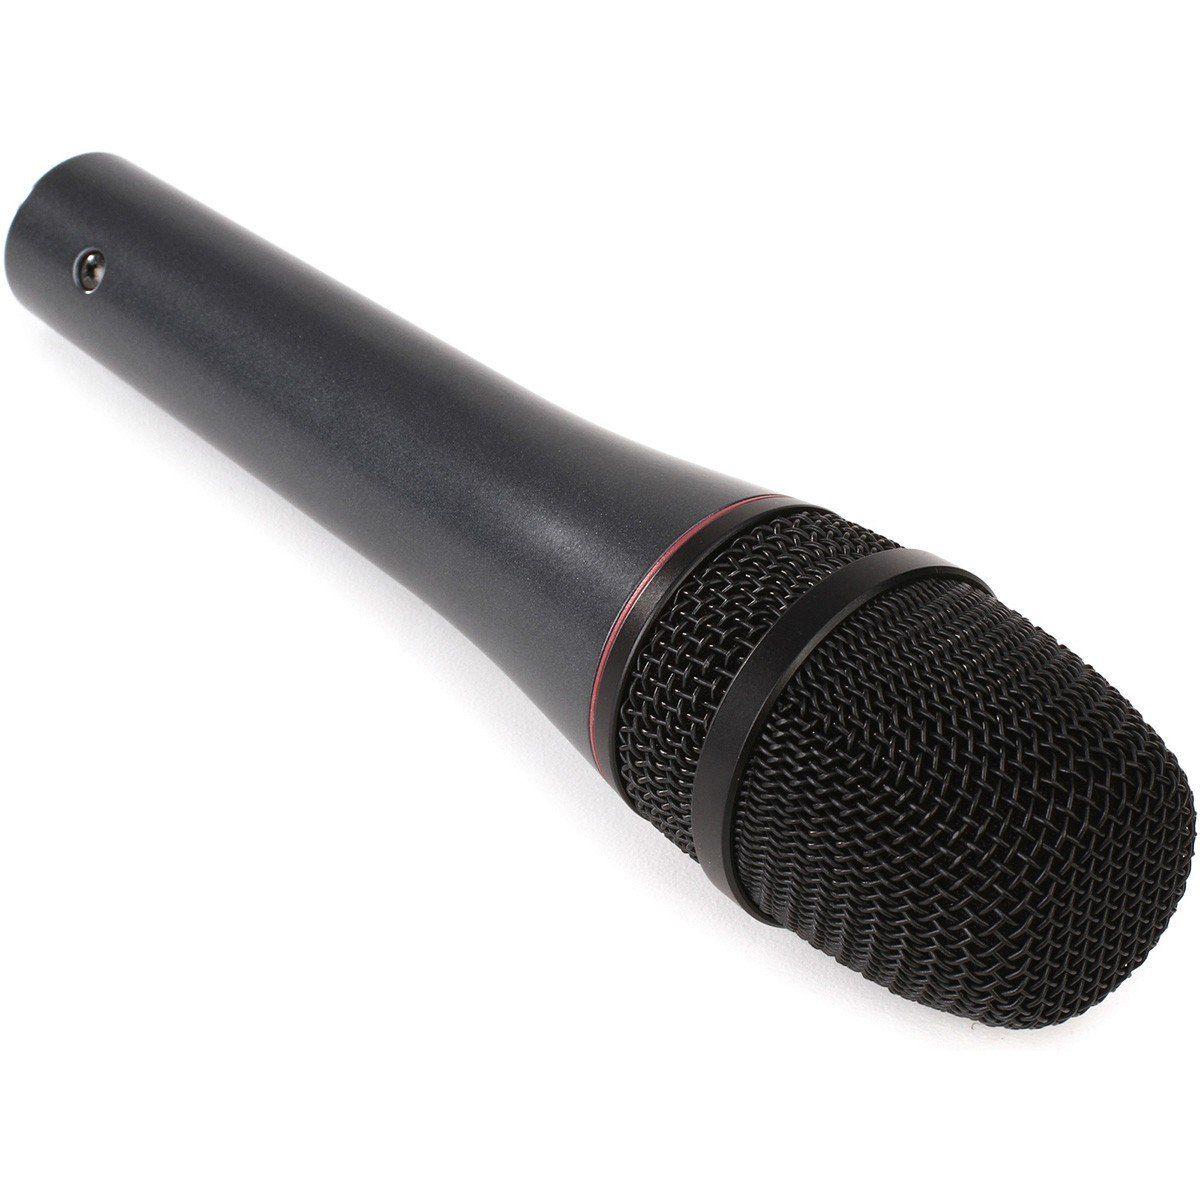 Sennheiser E 865 Microfone Condensador Supercardióide E865 para Vocais e Performances